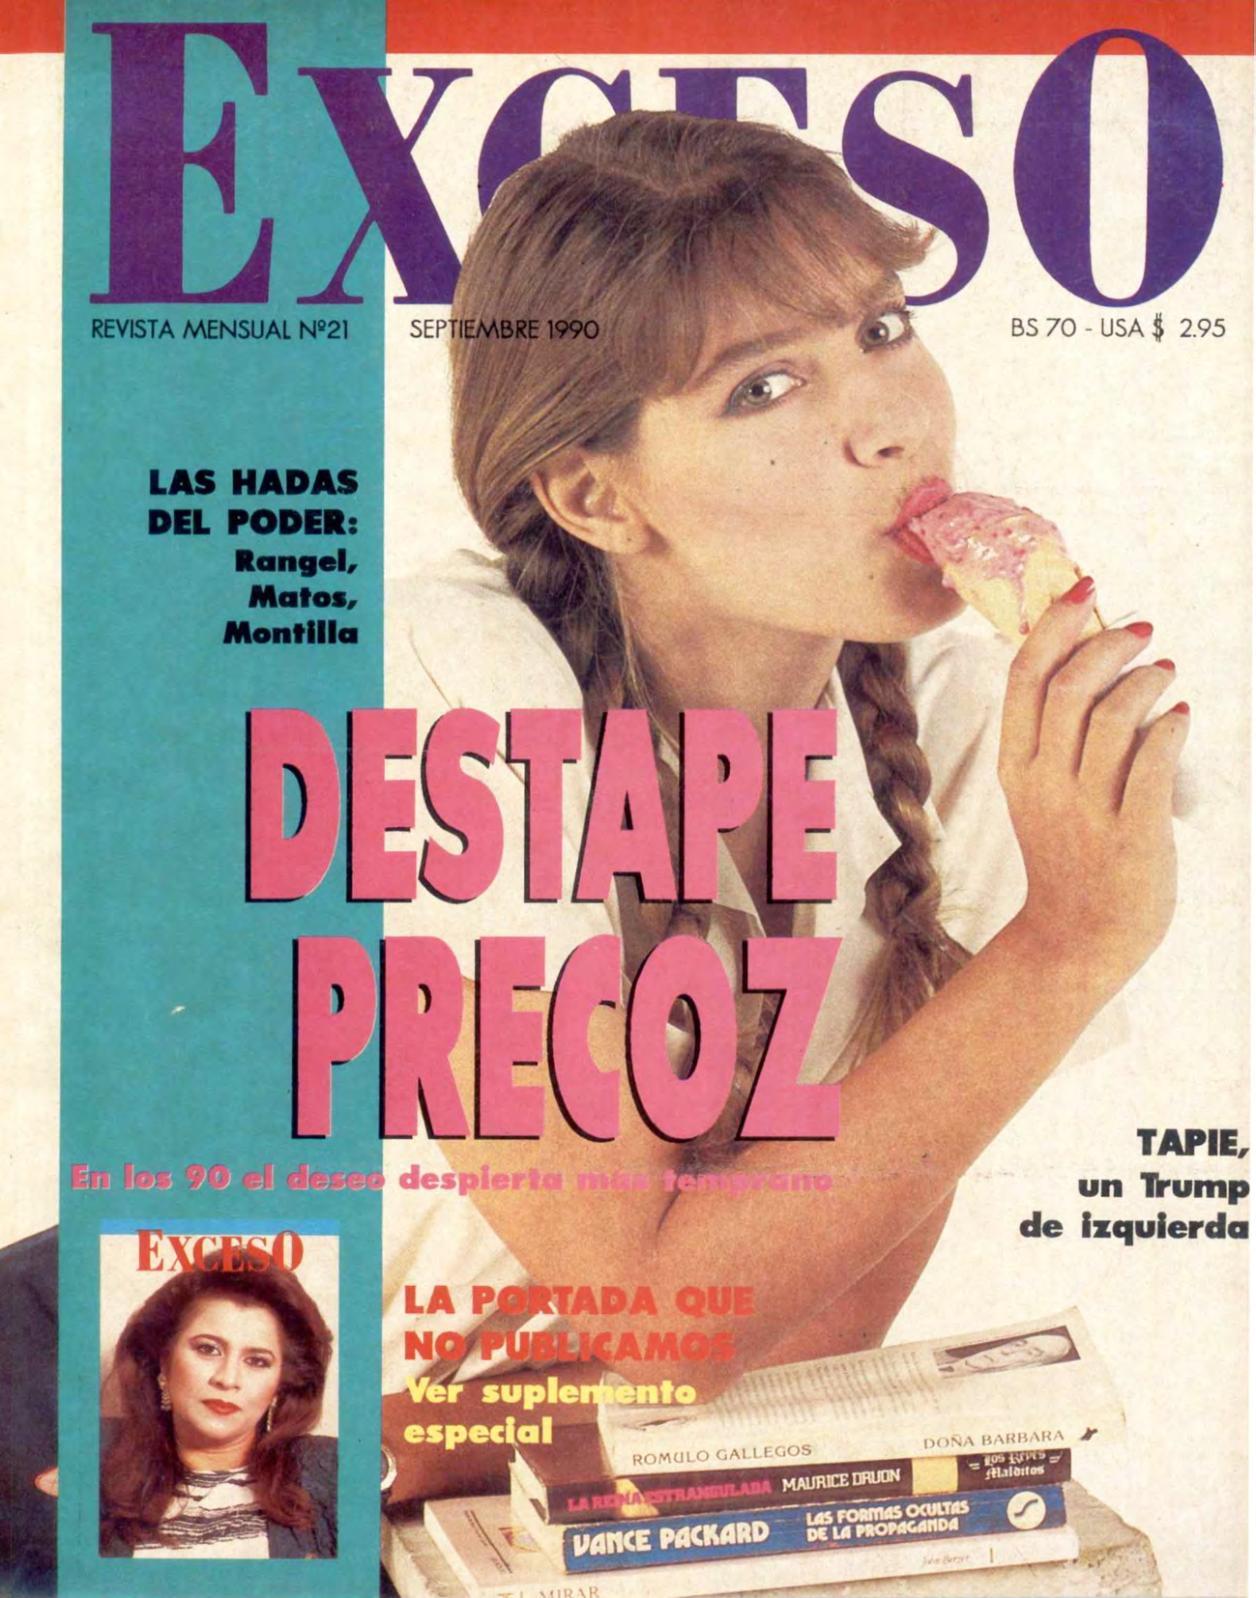 Calaméo - REVISTA EXCESO EDICION Nº 21 SEPTIEMBRE 1990